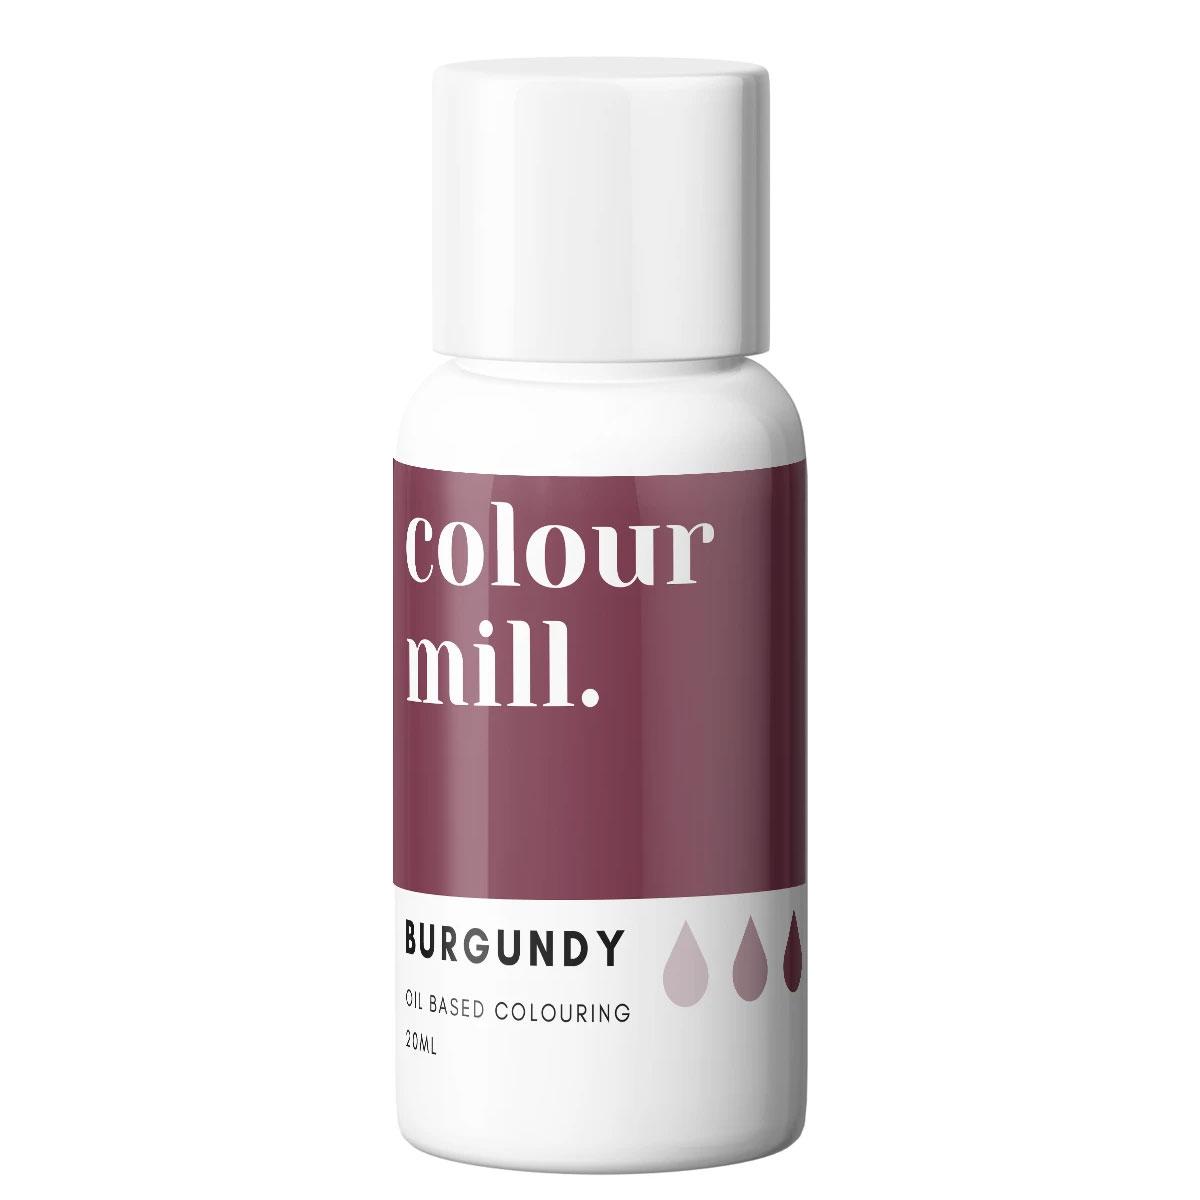 Colour Mill fettlösliche Lebensmittelfarbe - Burgundy 20ml